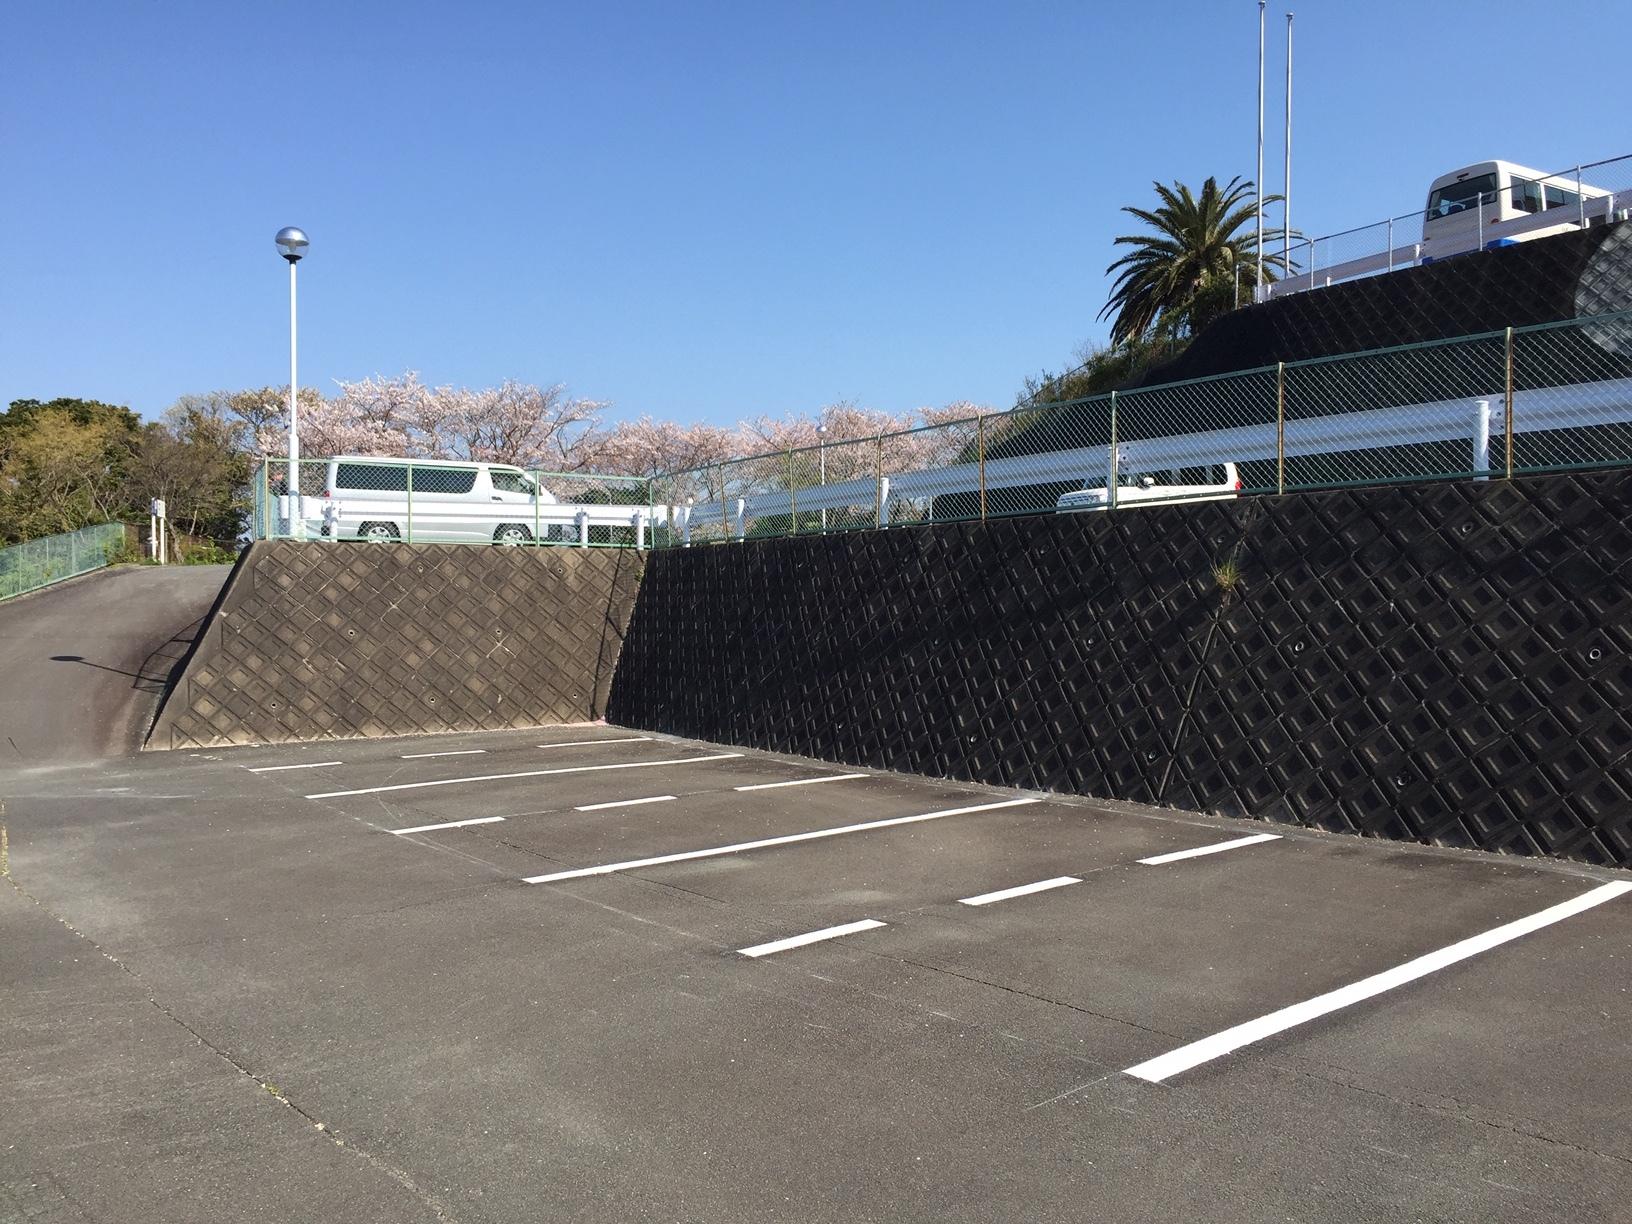 駐車可能なスペース(点線をまたぐ実線2本の間)